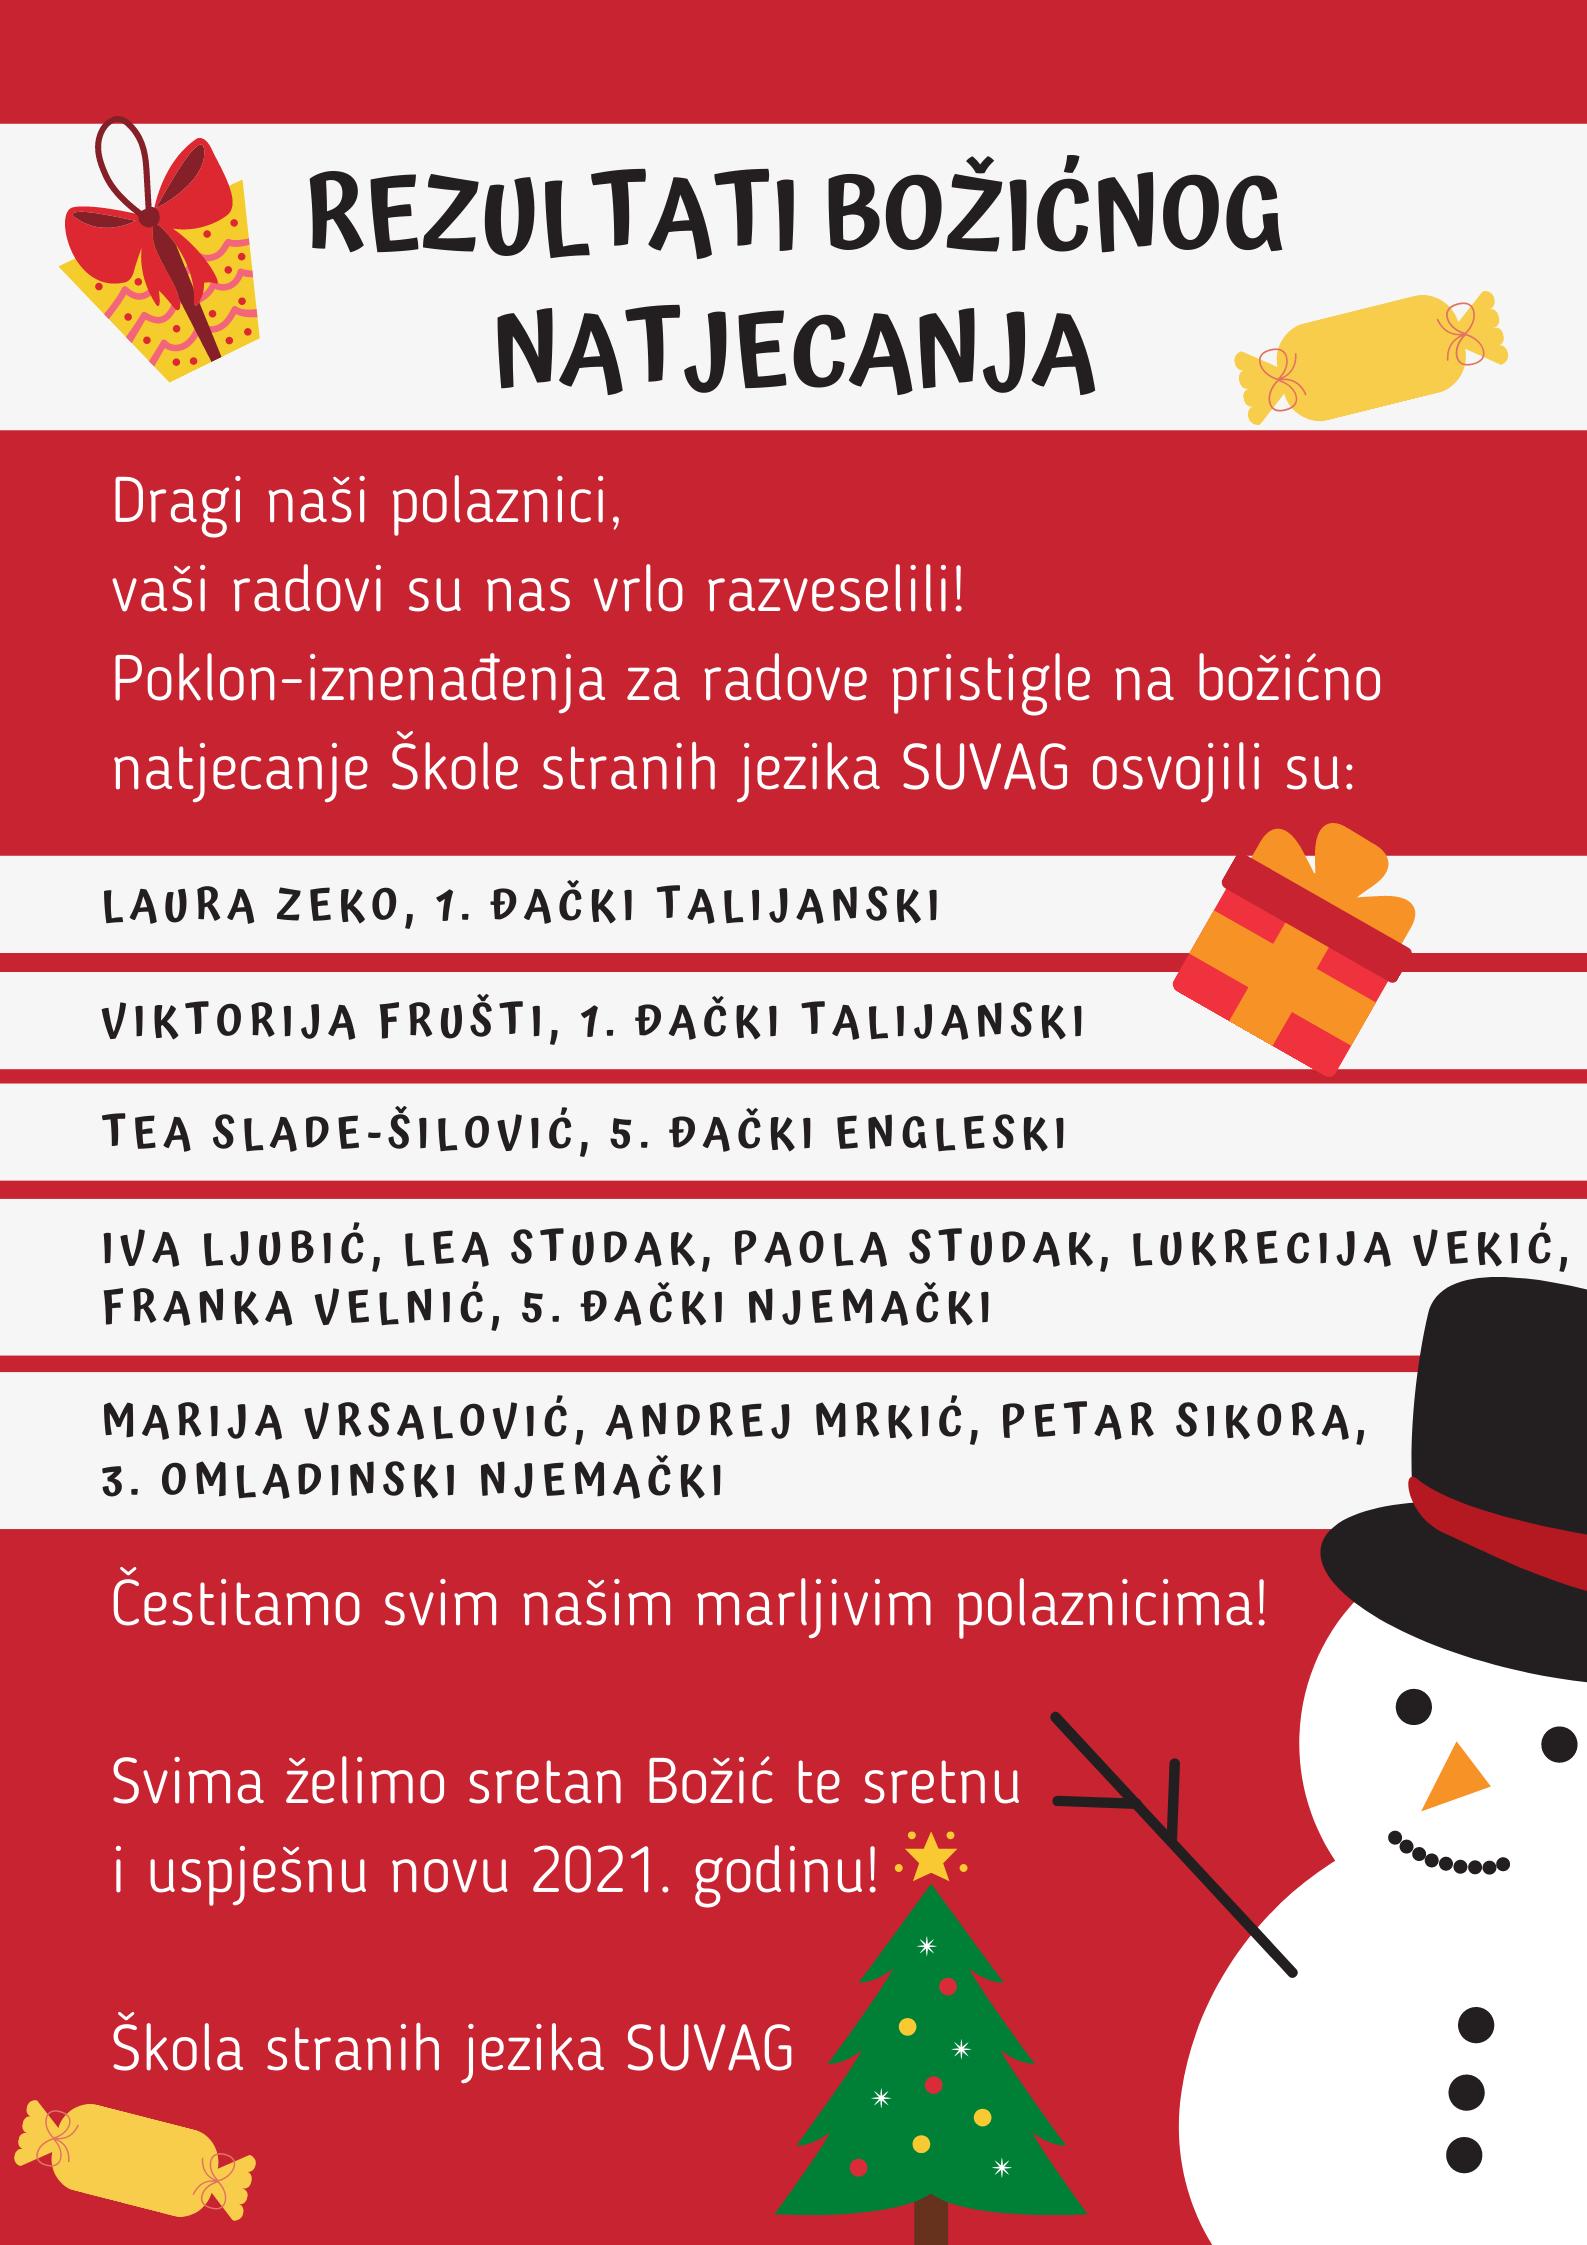 Božićno natjecanje ŠSJ